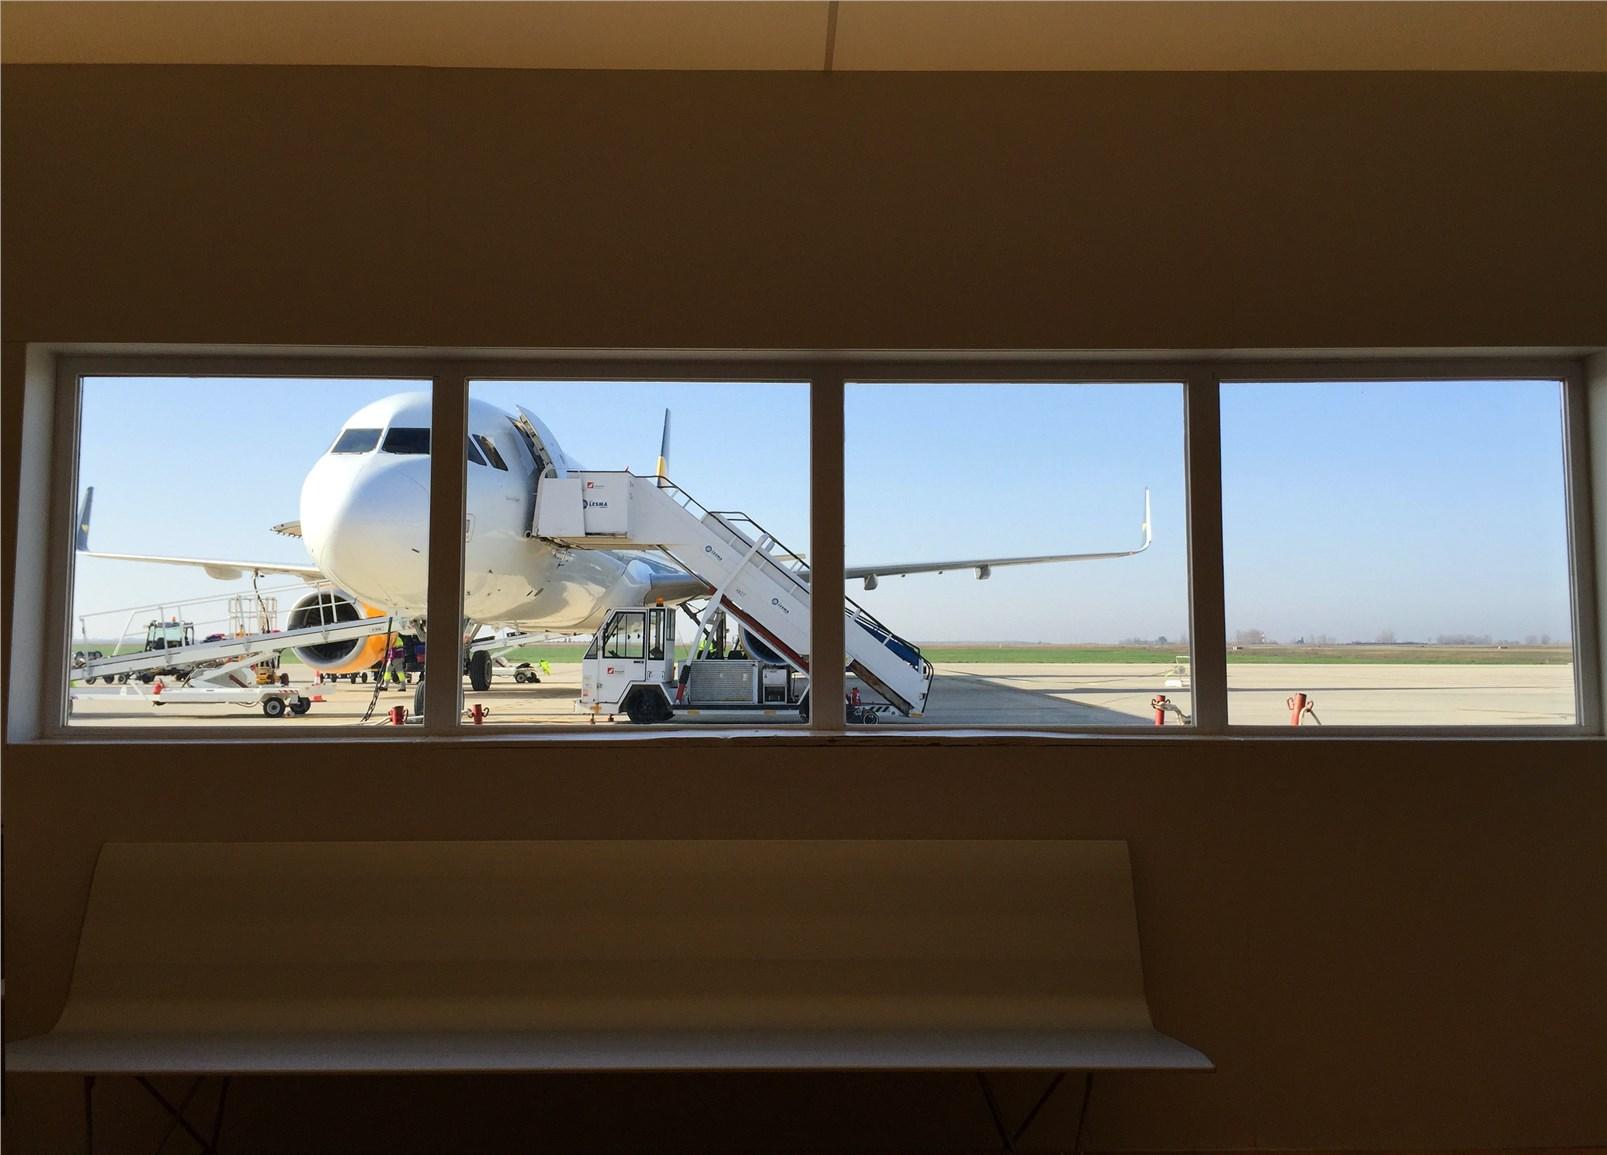 Airplane through a window